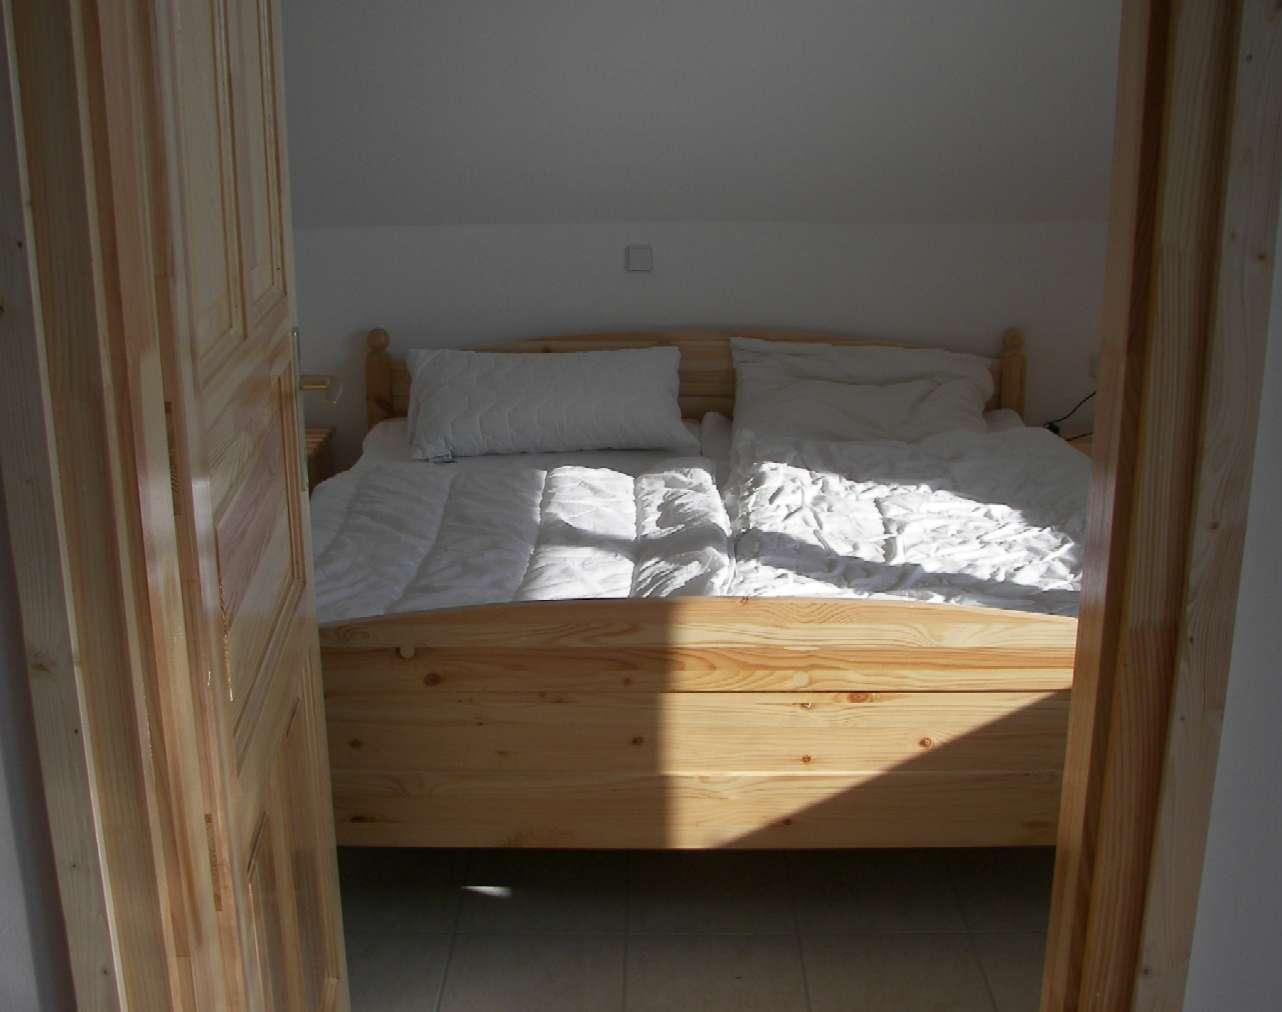 schlafzimmer klein   jtleigh.com - hausgestaltung ideen - Kleine Tierchen Im Schlafzimmer